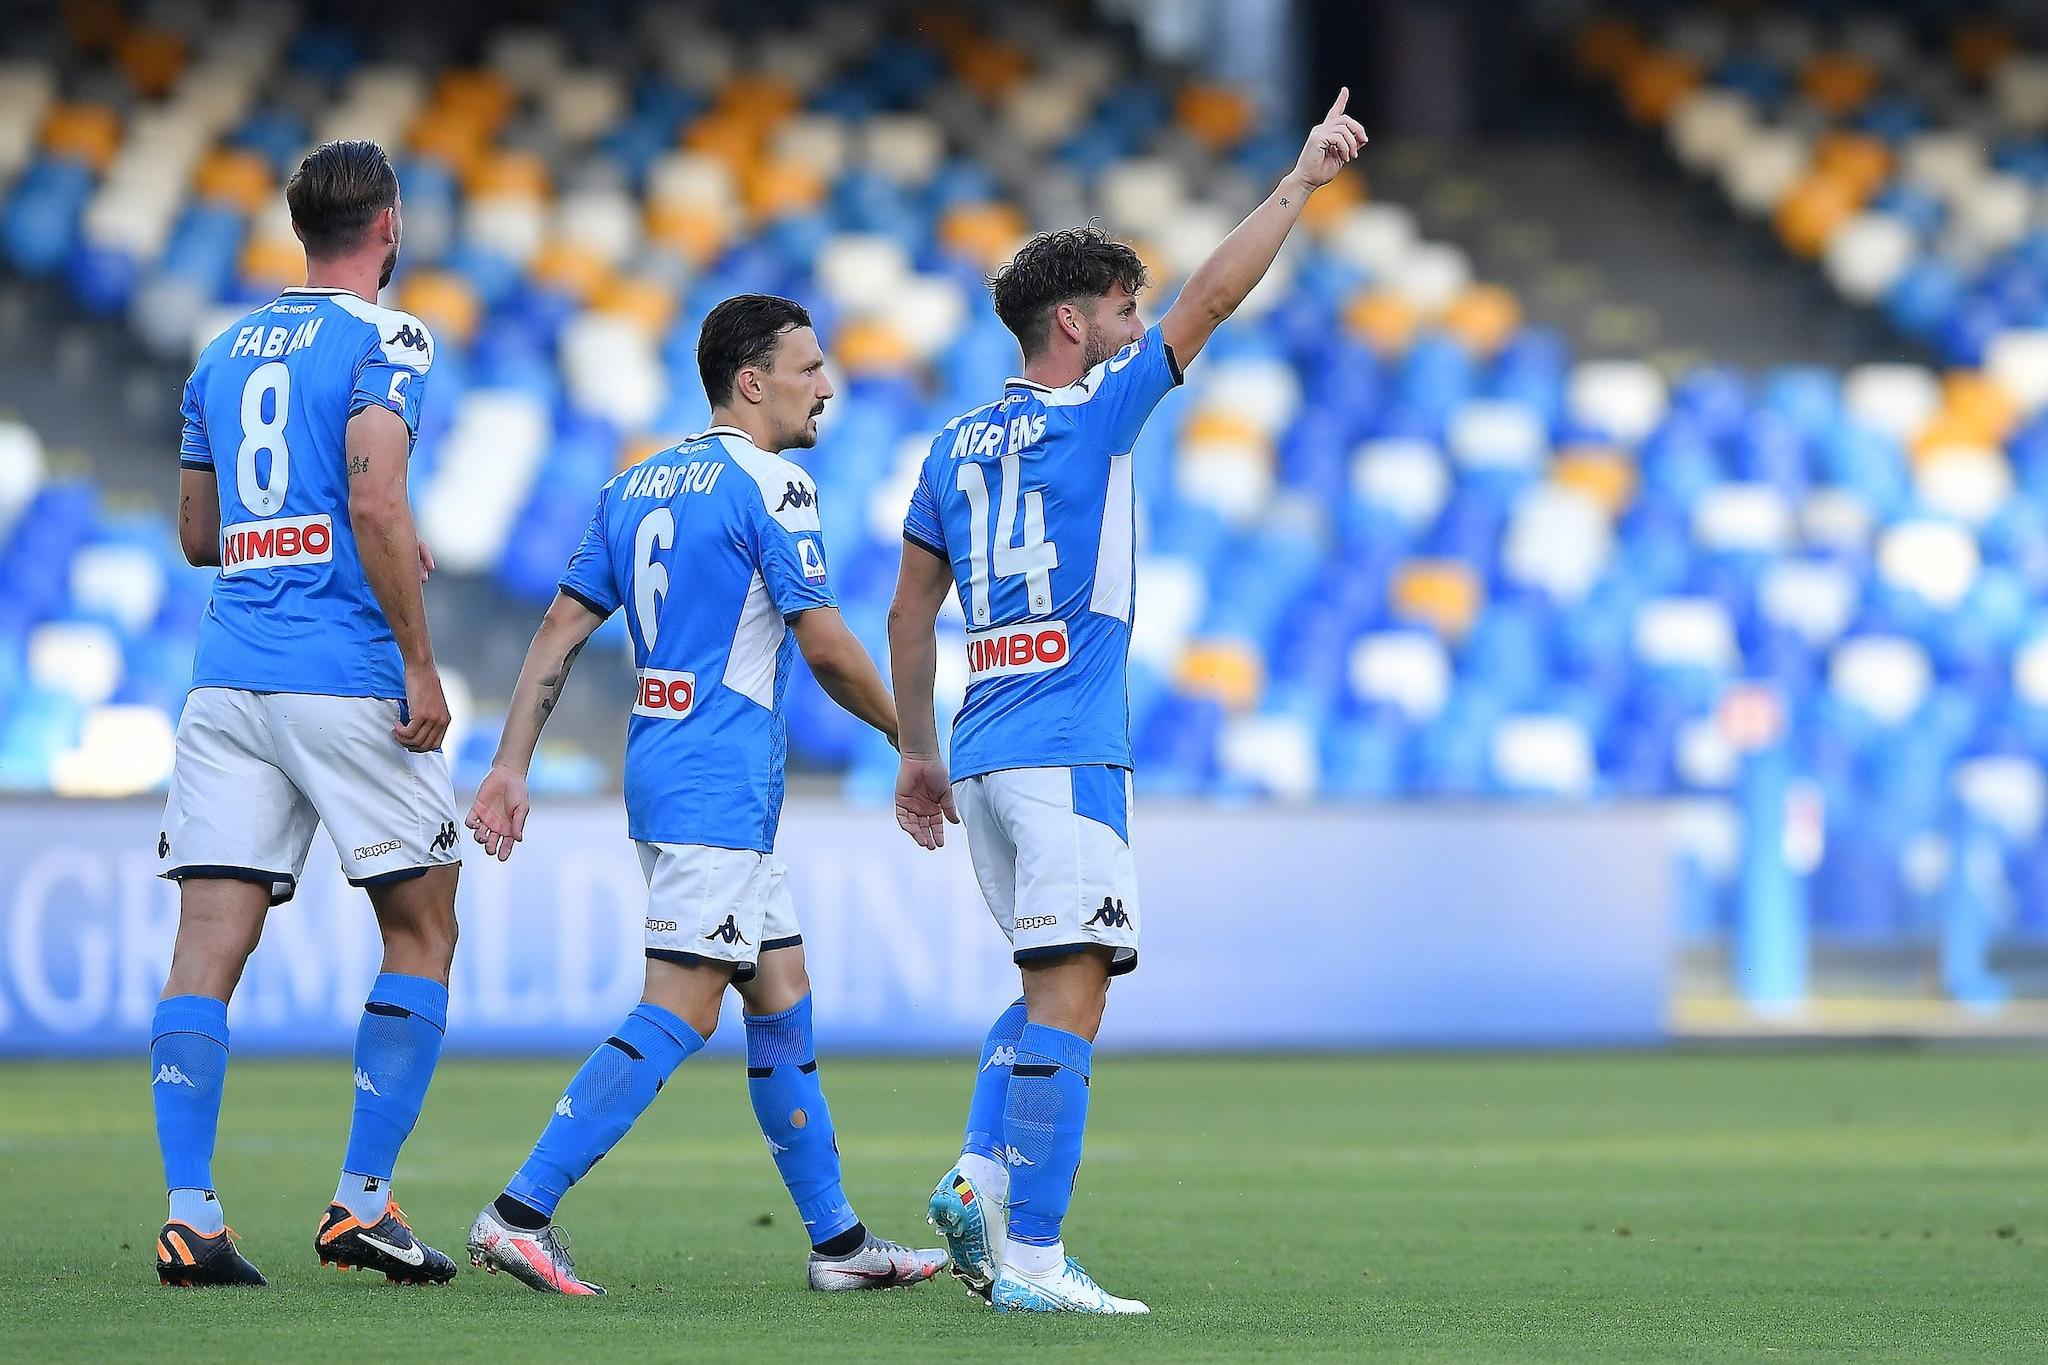 Serie A Risultati Della 28a Giornata Vincono Napoli E Atalanta Il Bologna Affonda La Samp